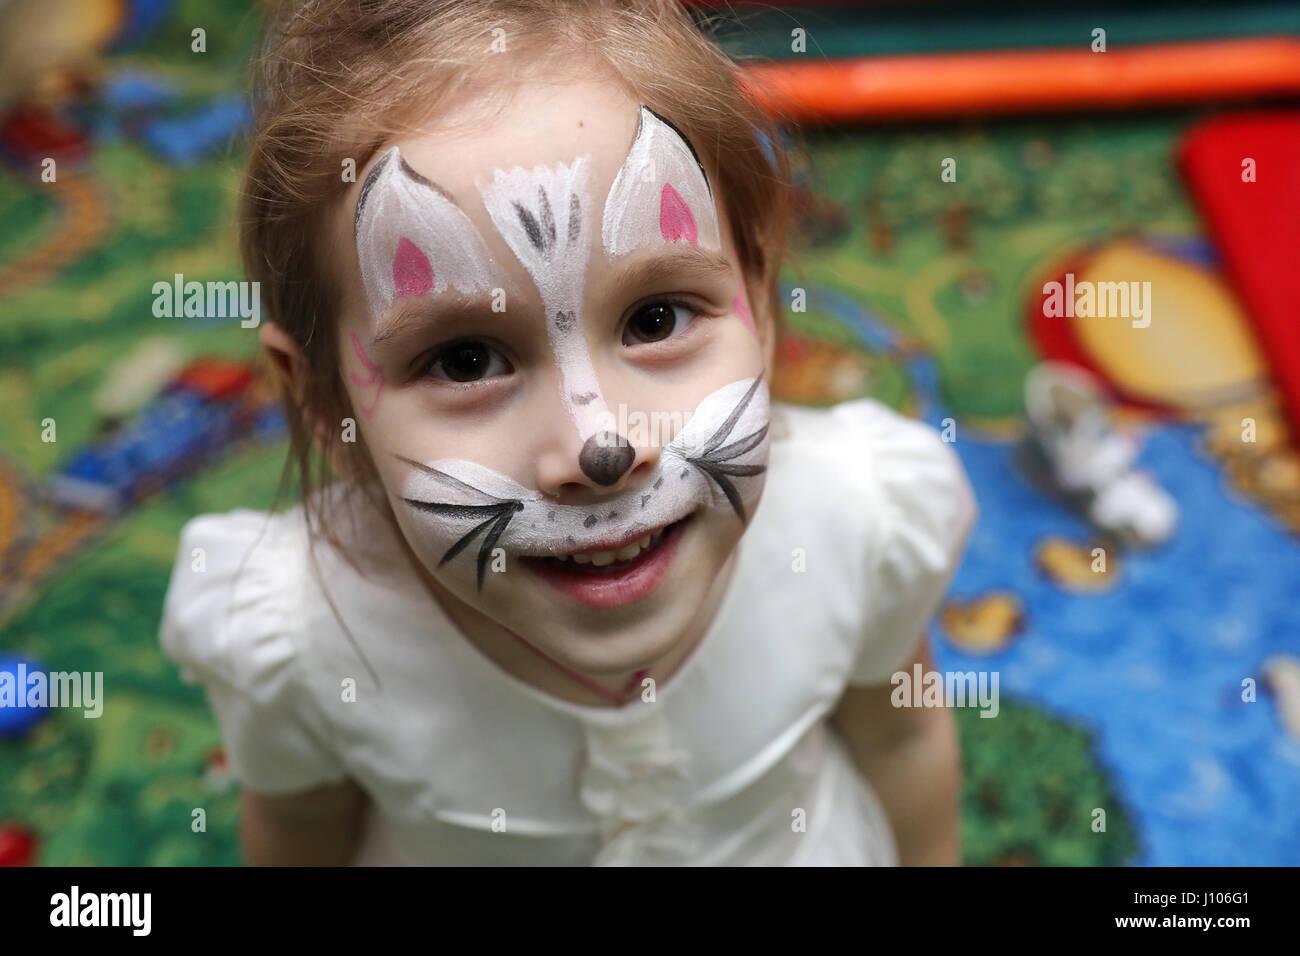 Los niños jugar una variedad de juegos Imagen De Stock